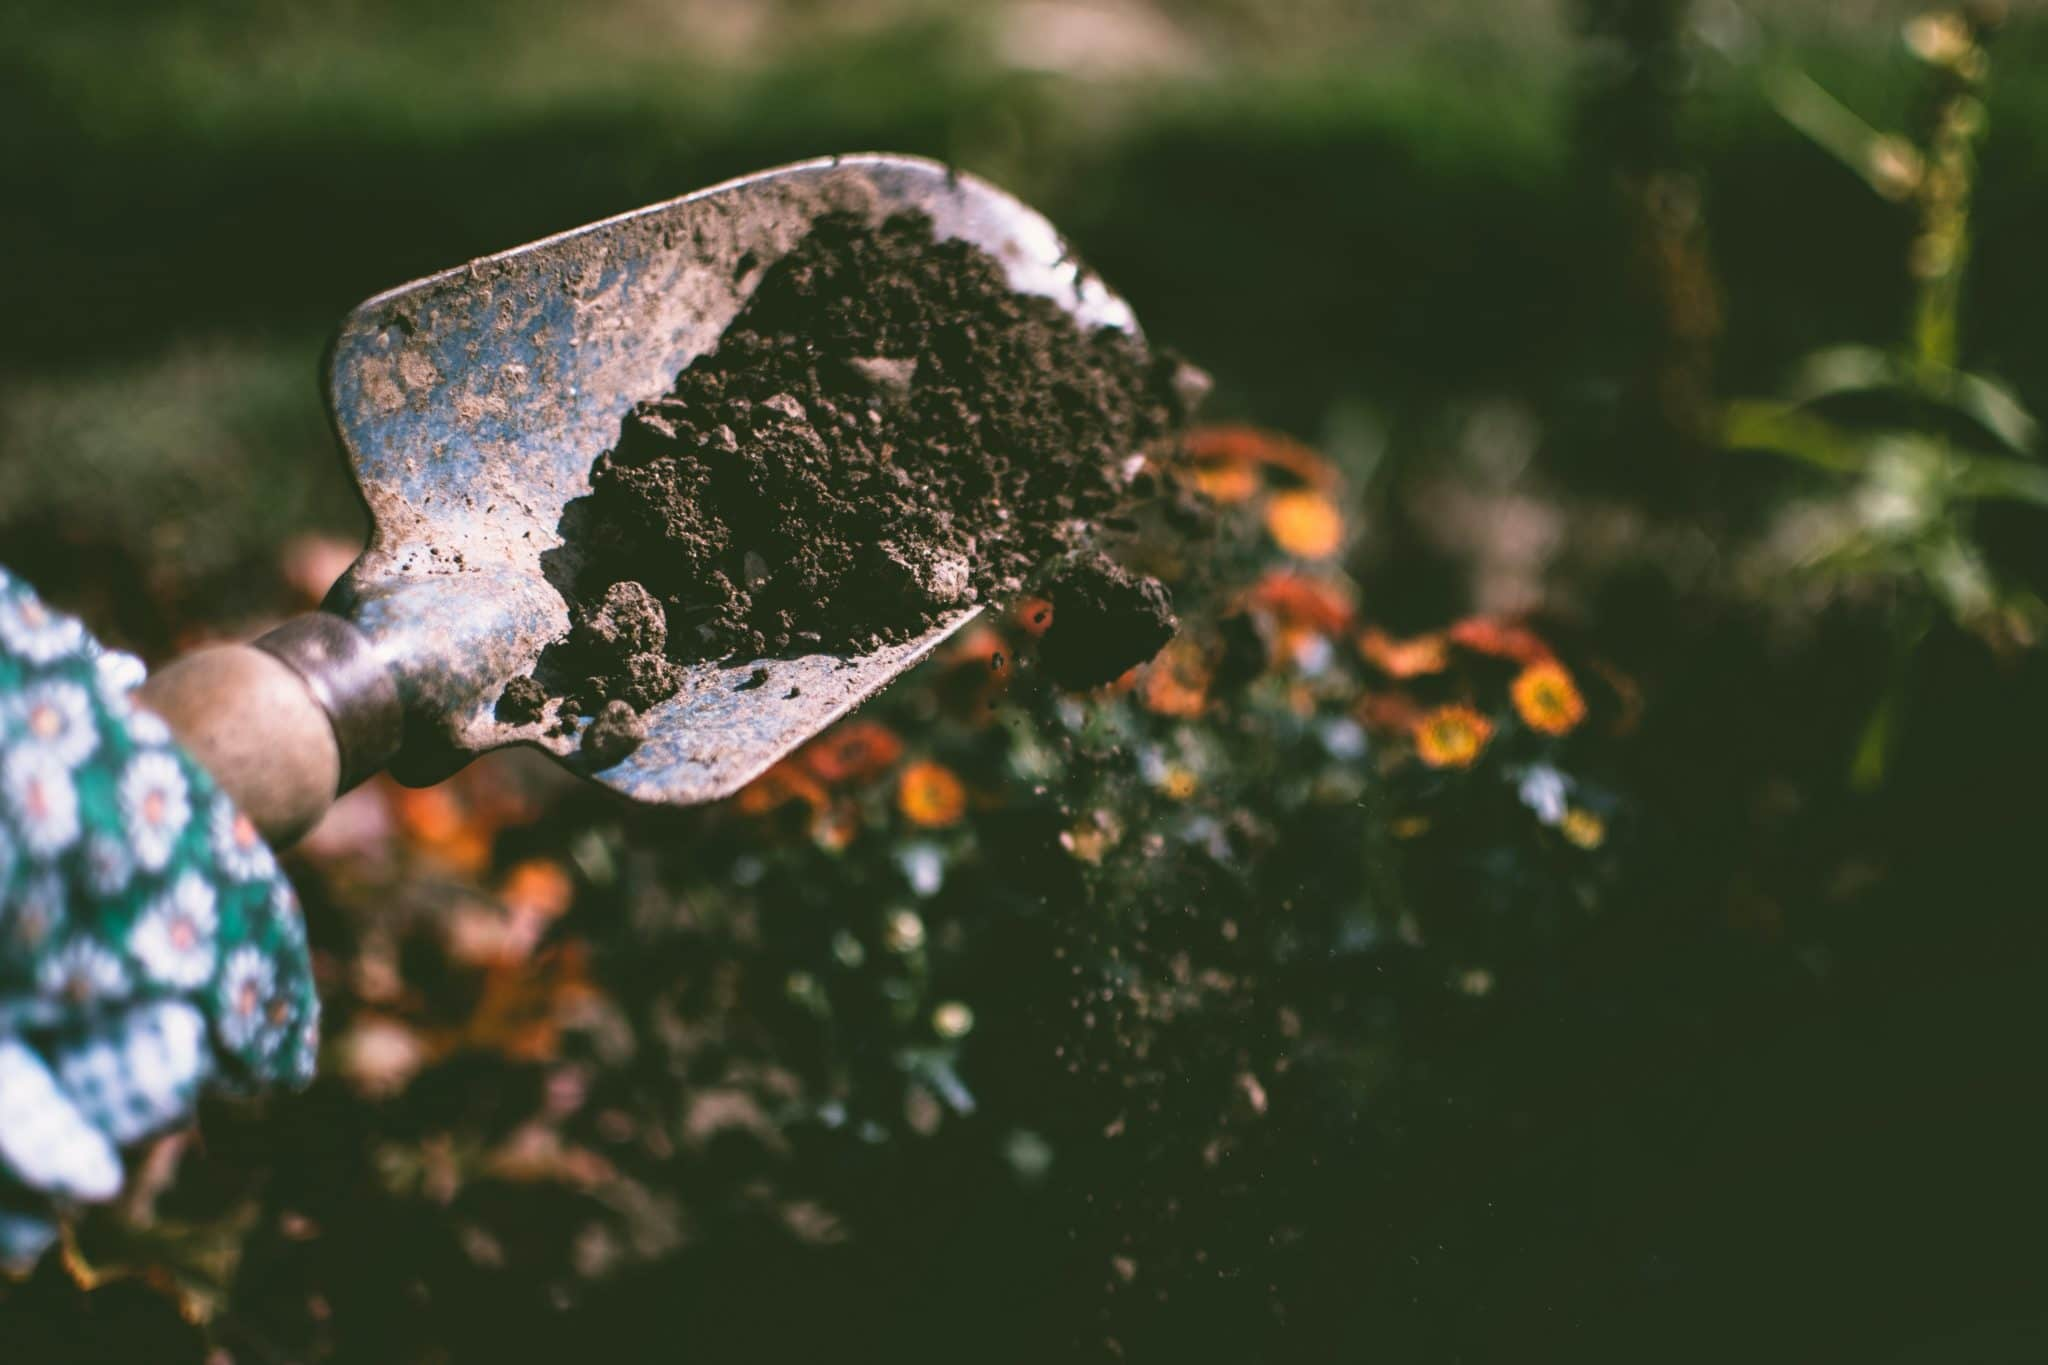 園藝治療從生活中取材